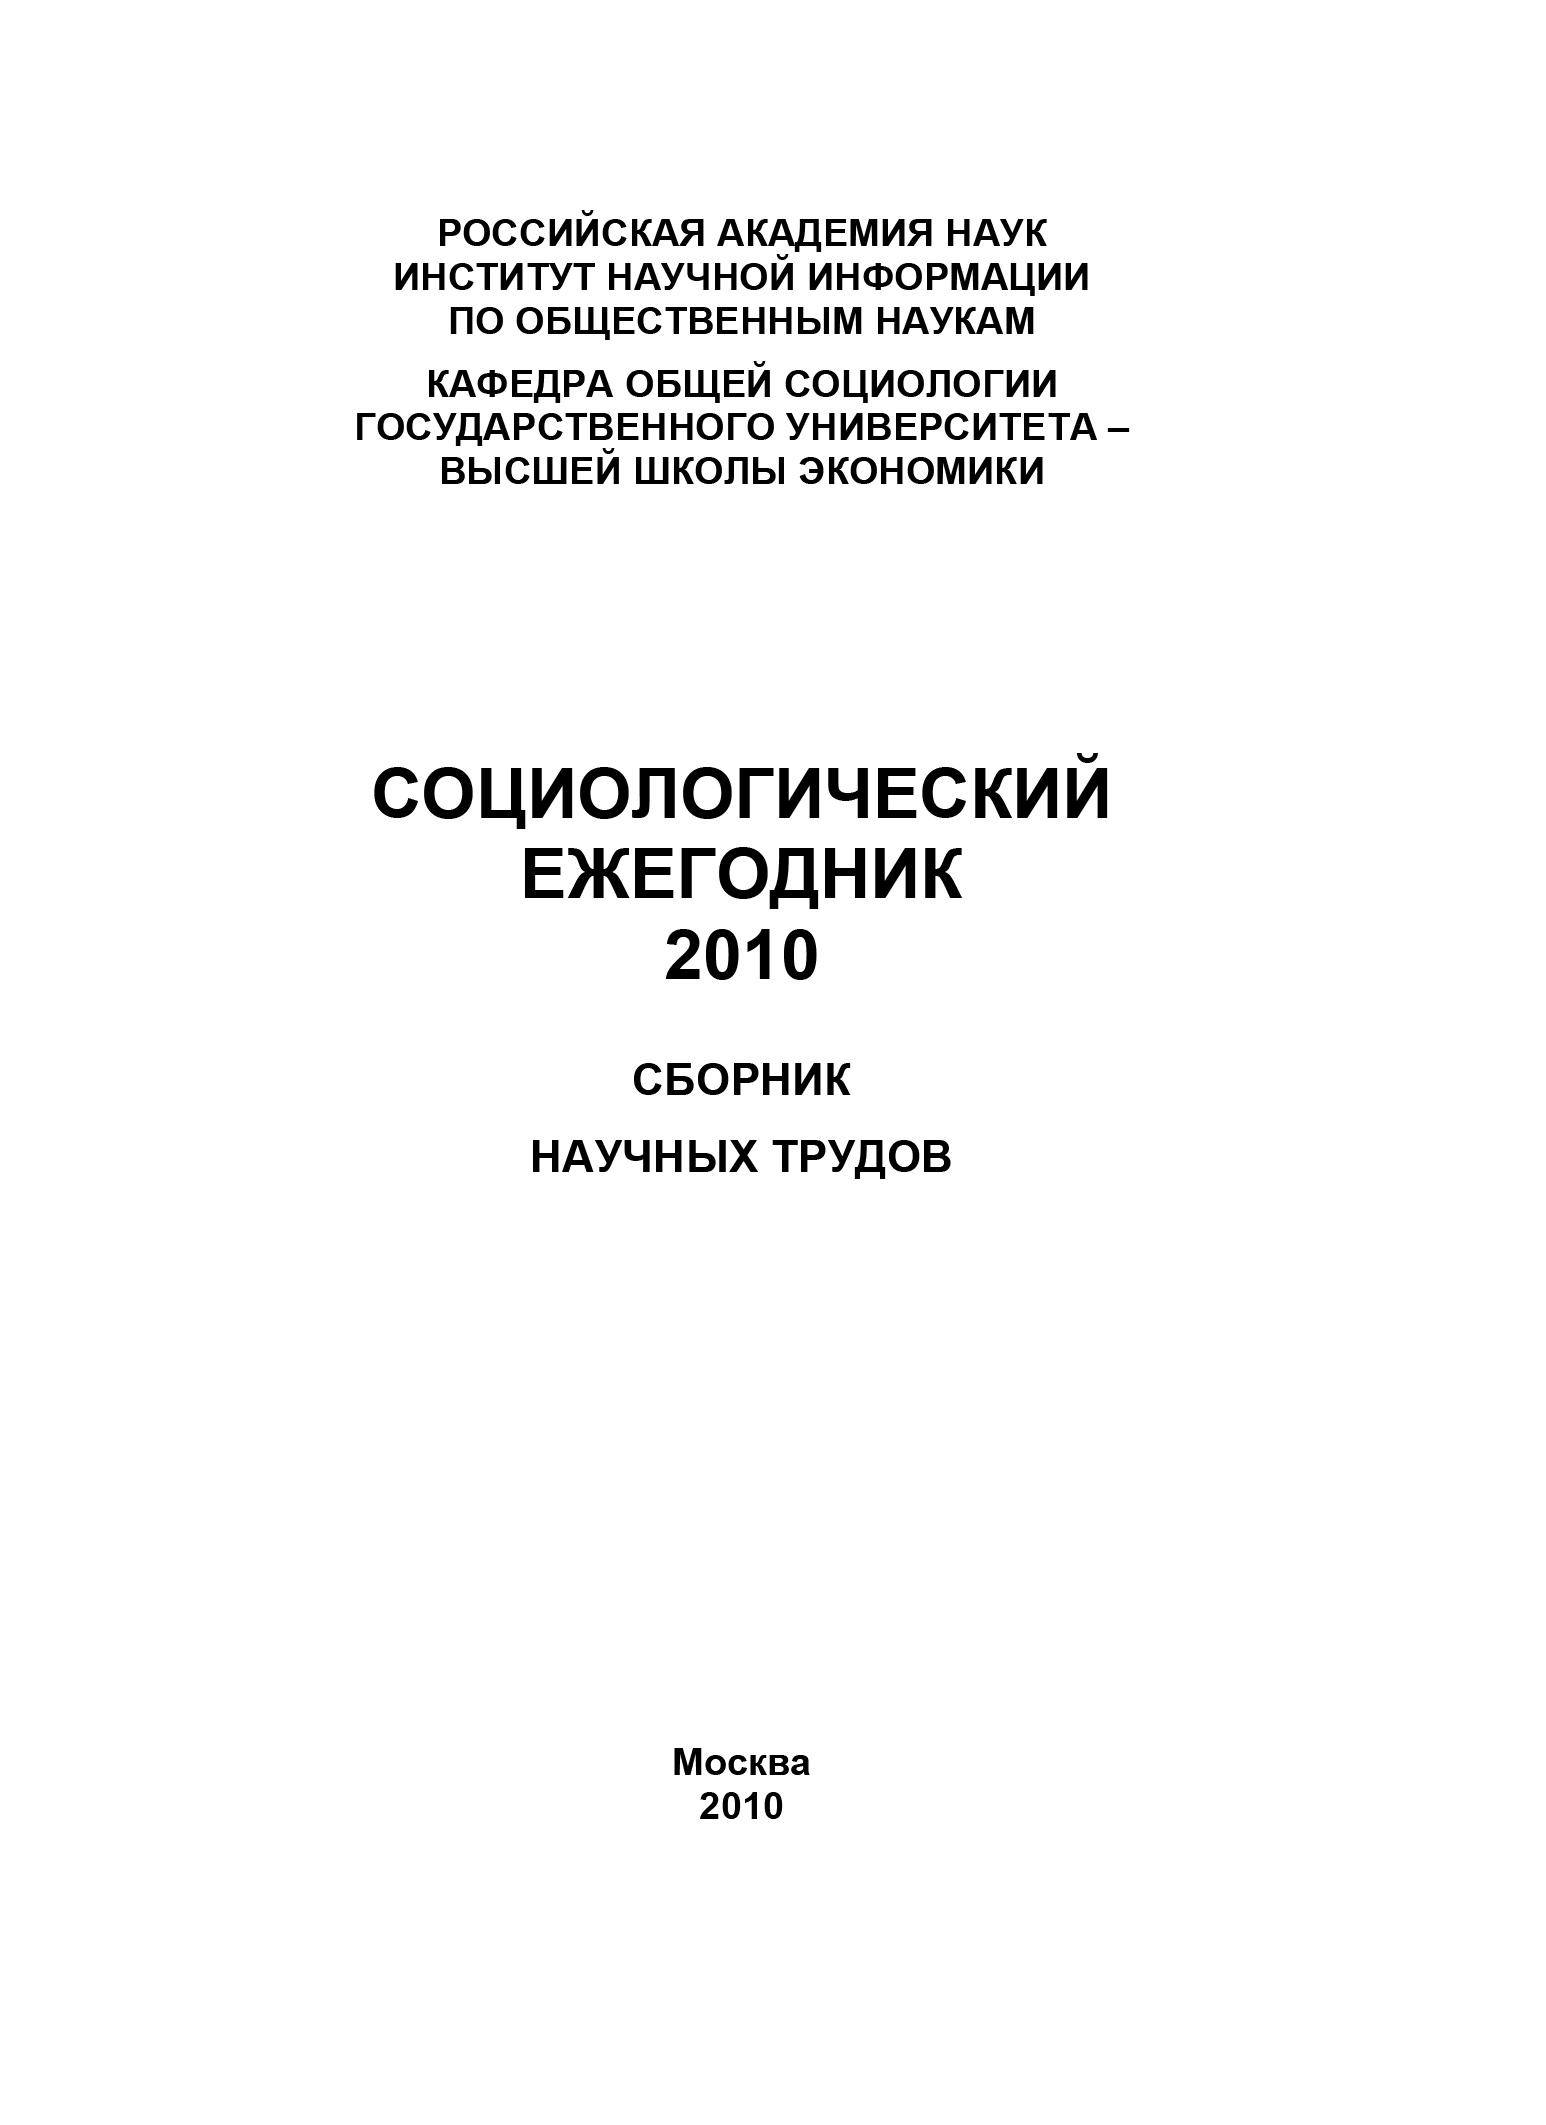 Коллектив авторов Социологический ежегодник 2010 недорого